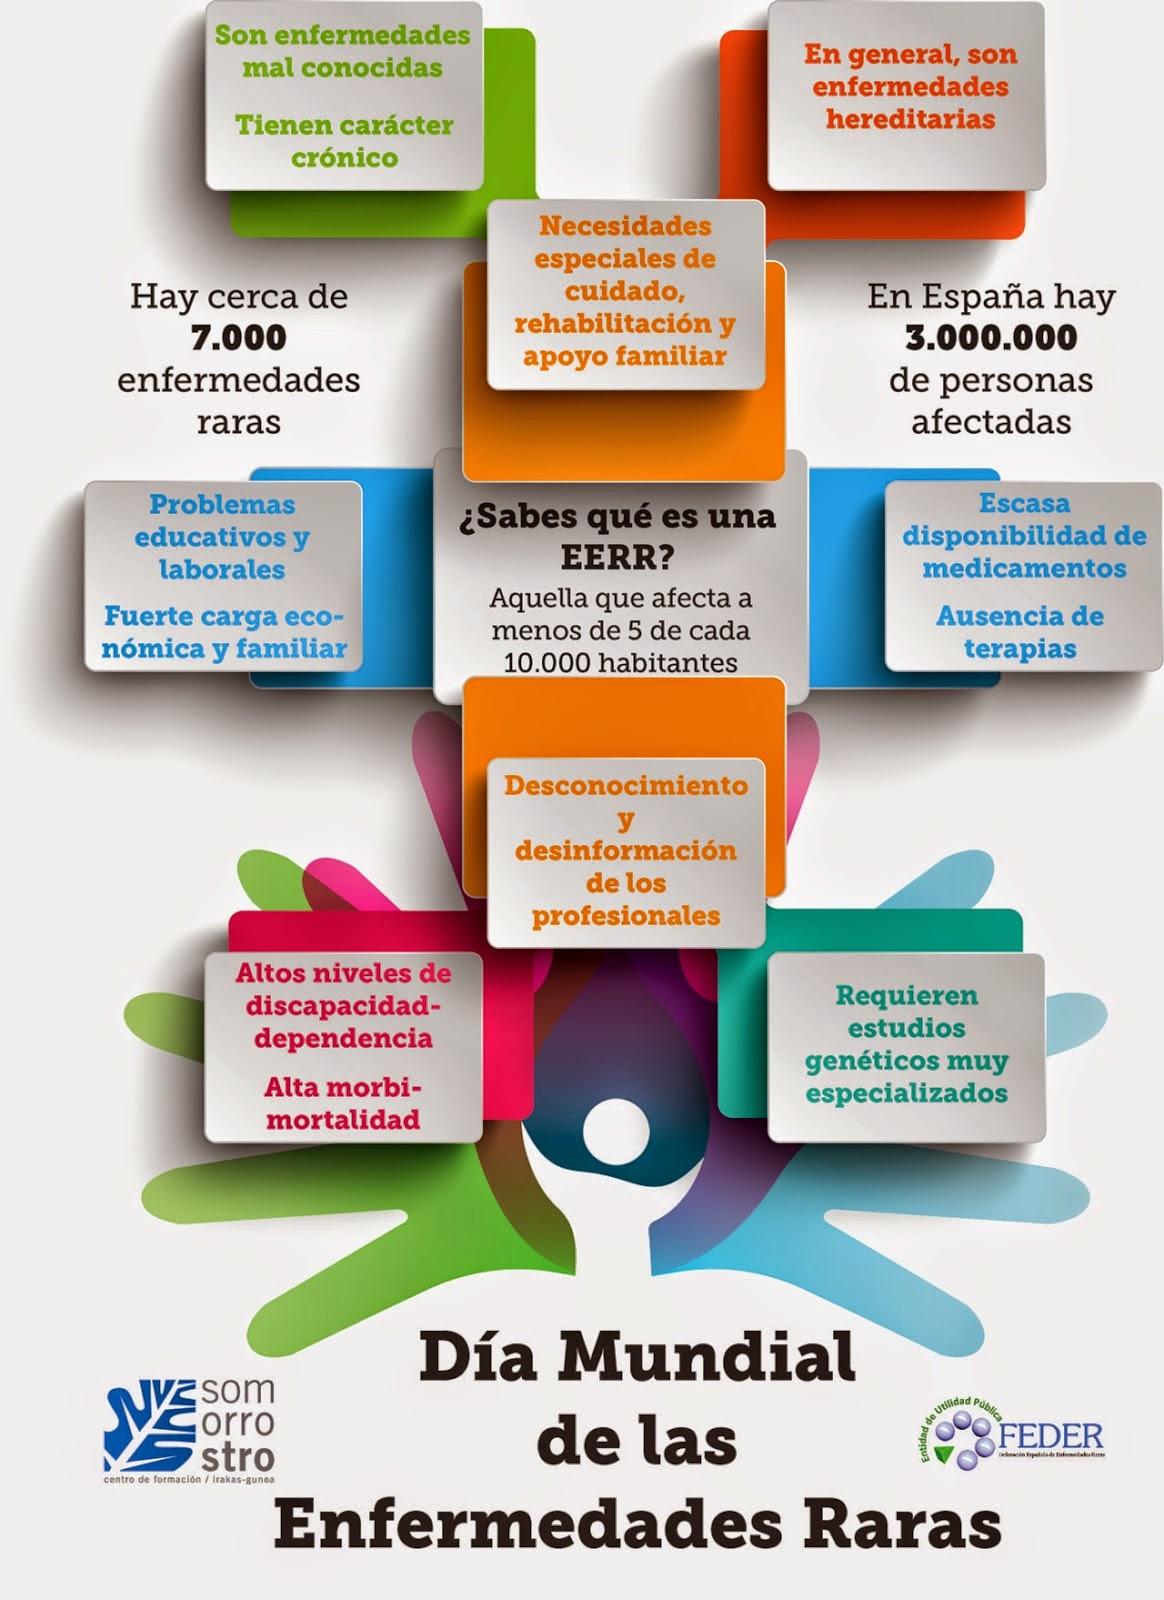 http://cfsomorrostro.blogspot.com.es/2015/02/hay-un-gesto-que-lo-cambia-todo.html